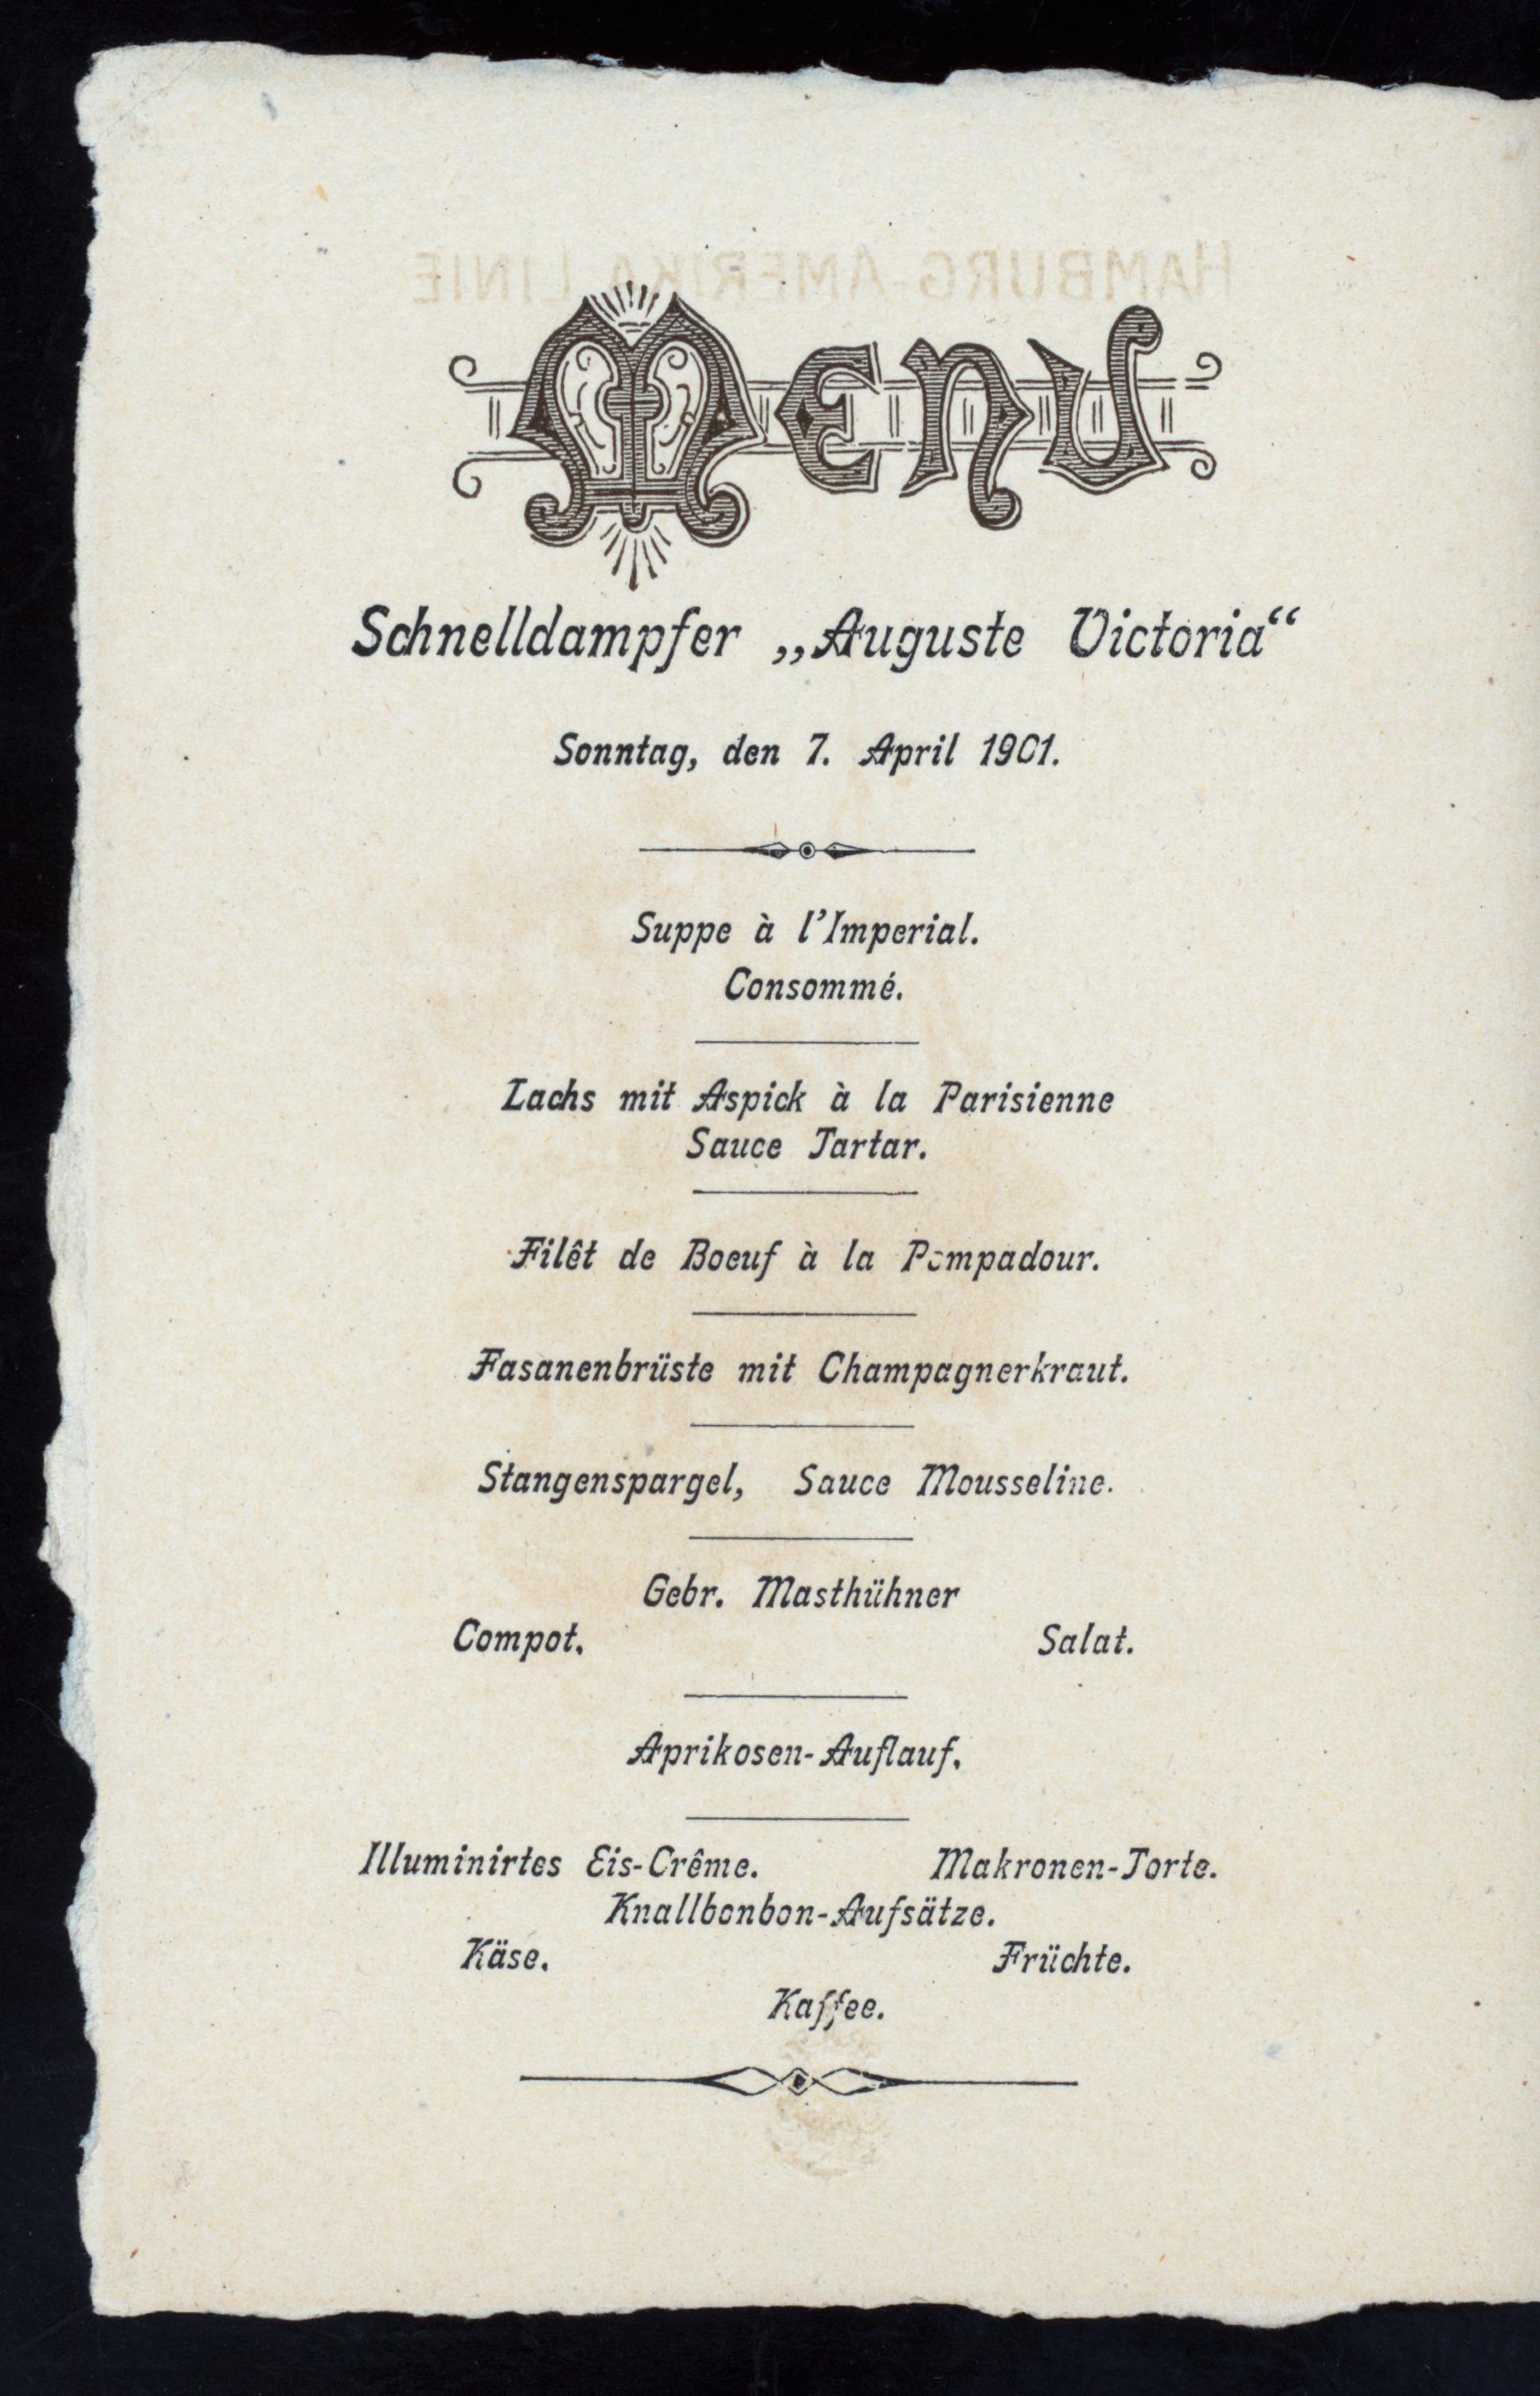 Pompadour Hamburg file dinner held by hamburg amerika linie at schnelldampfer